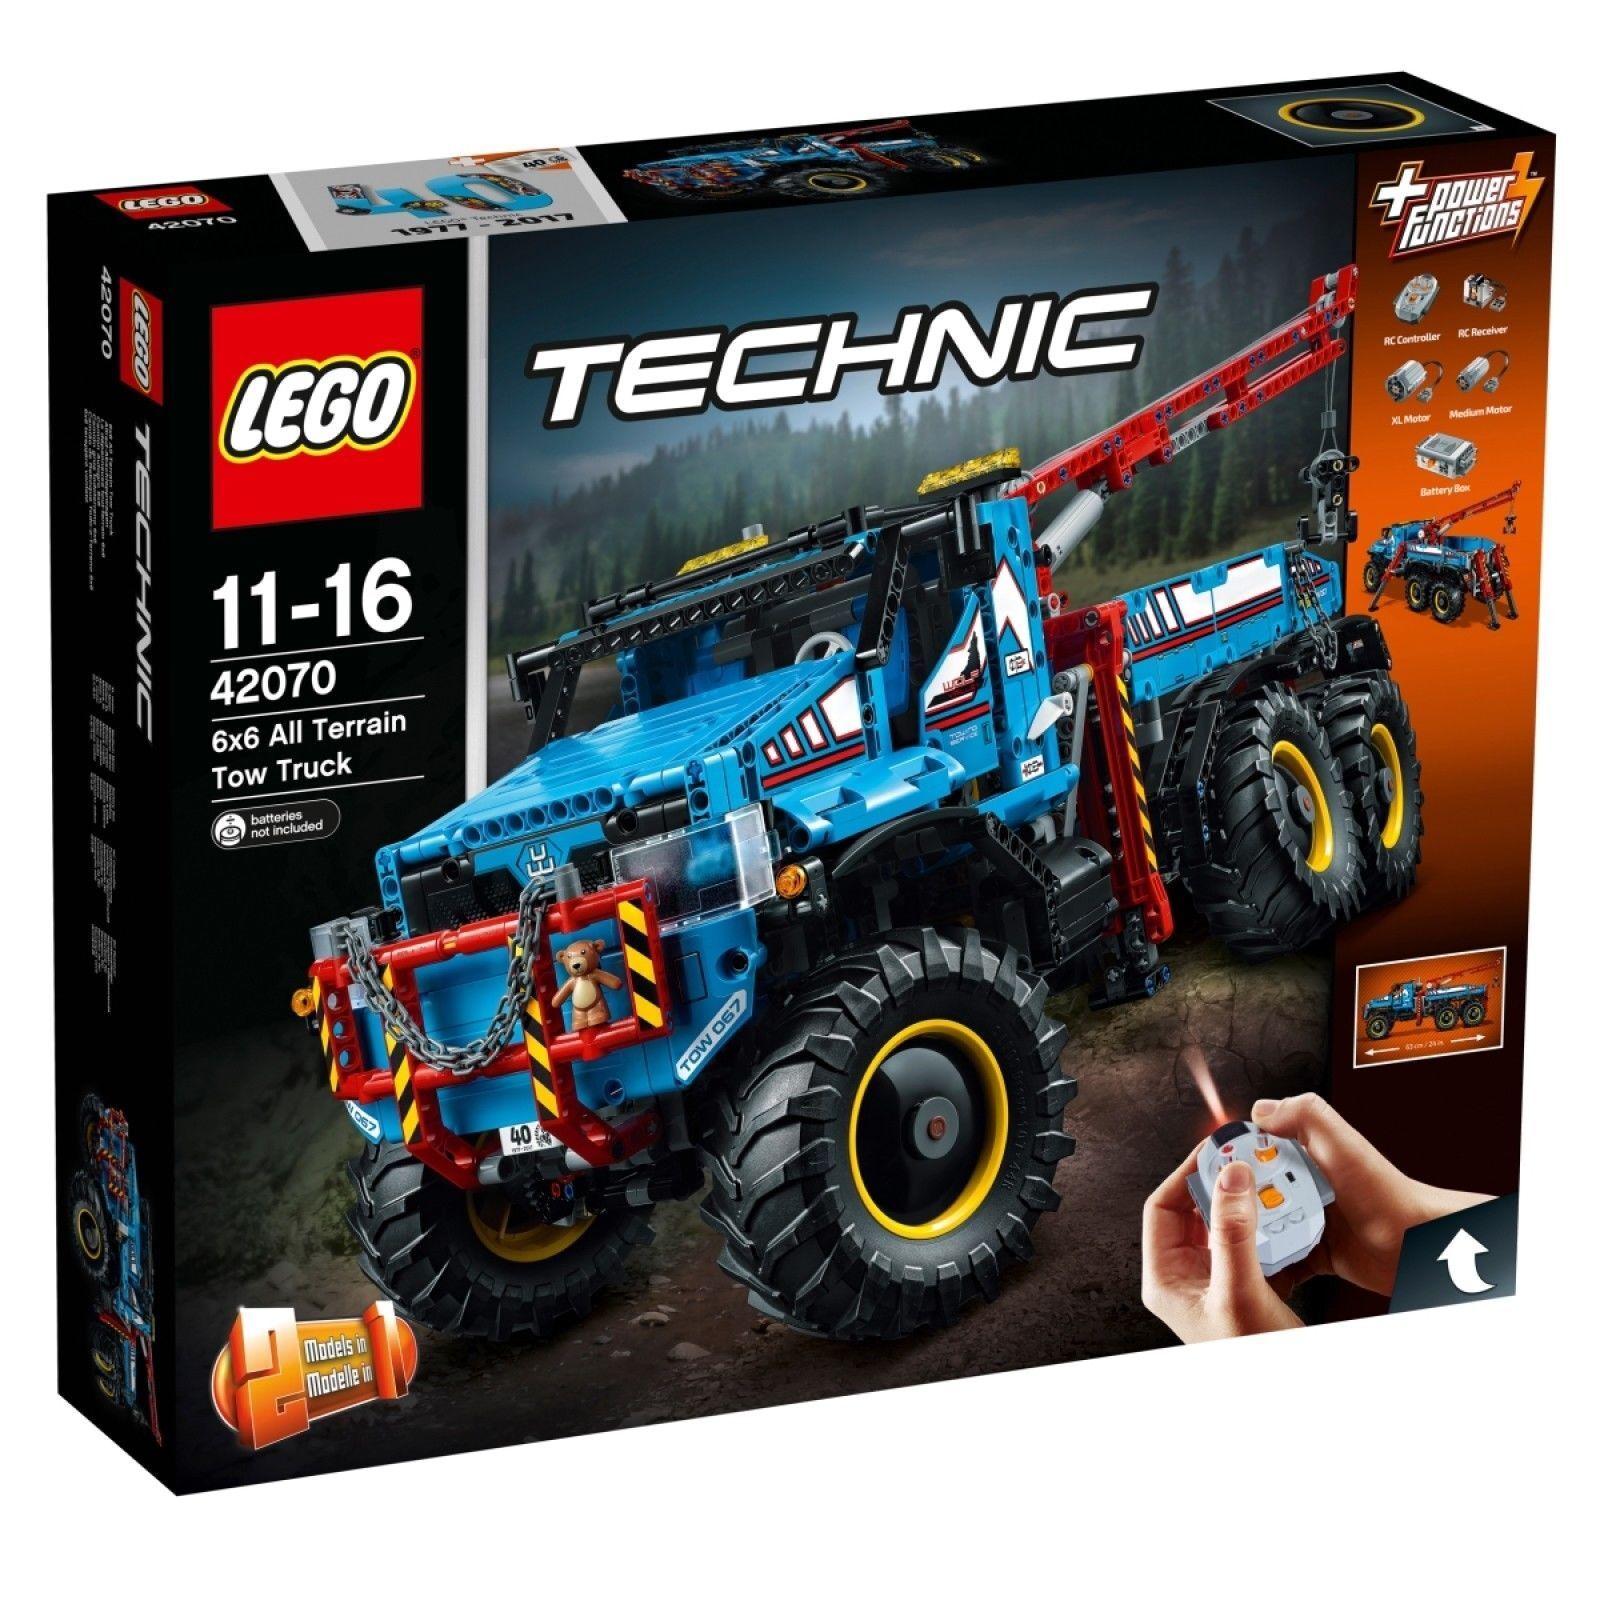 LEGO ® Technic 42070  Sagomate-Carro attrezzi  2-in-1 - MODELLO RARO SET Nuovo/Scatola Originale